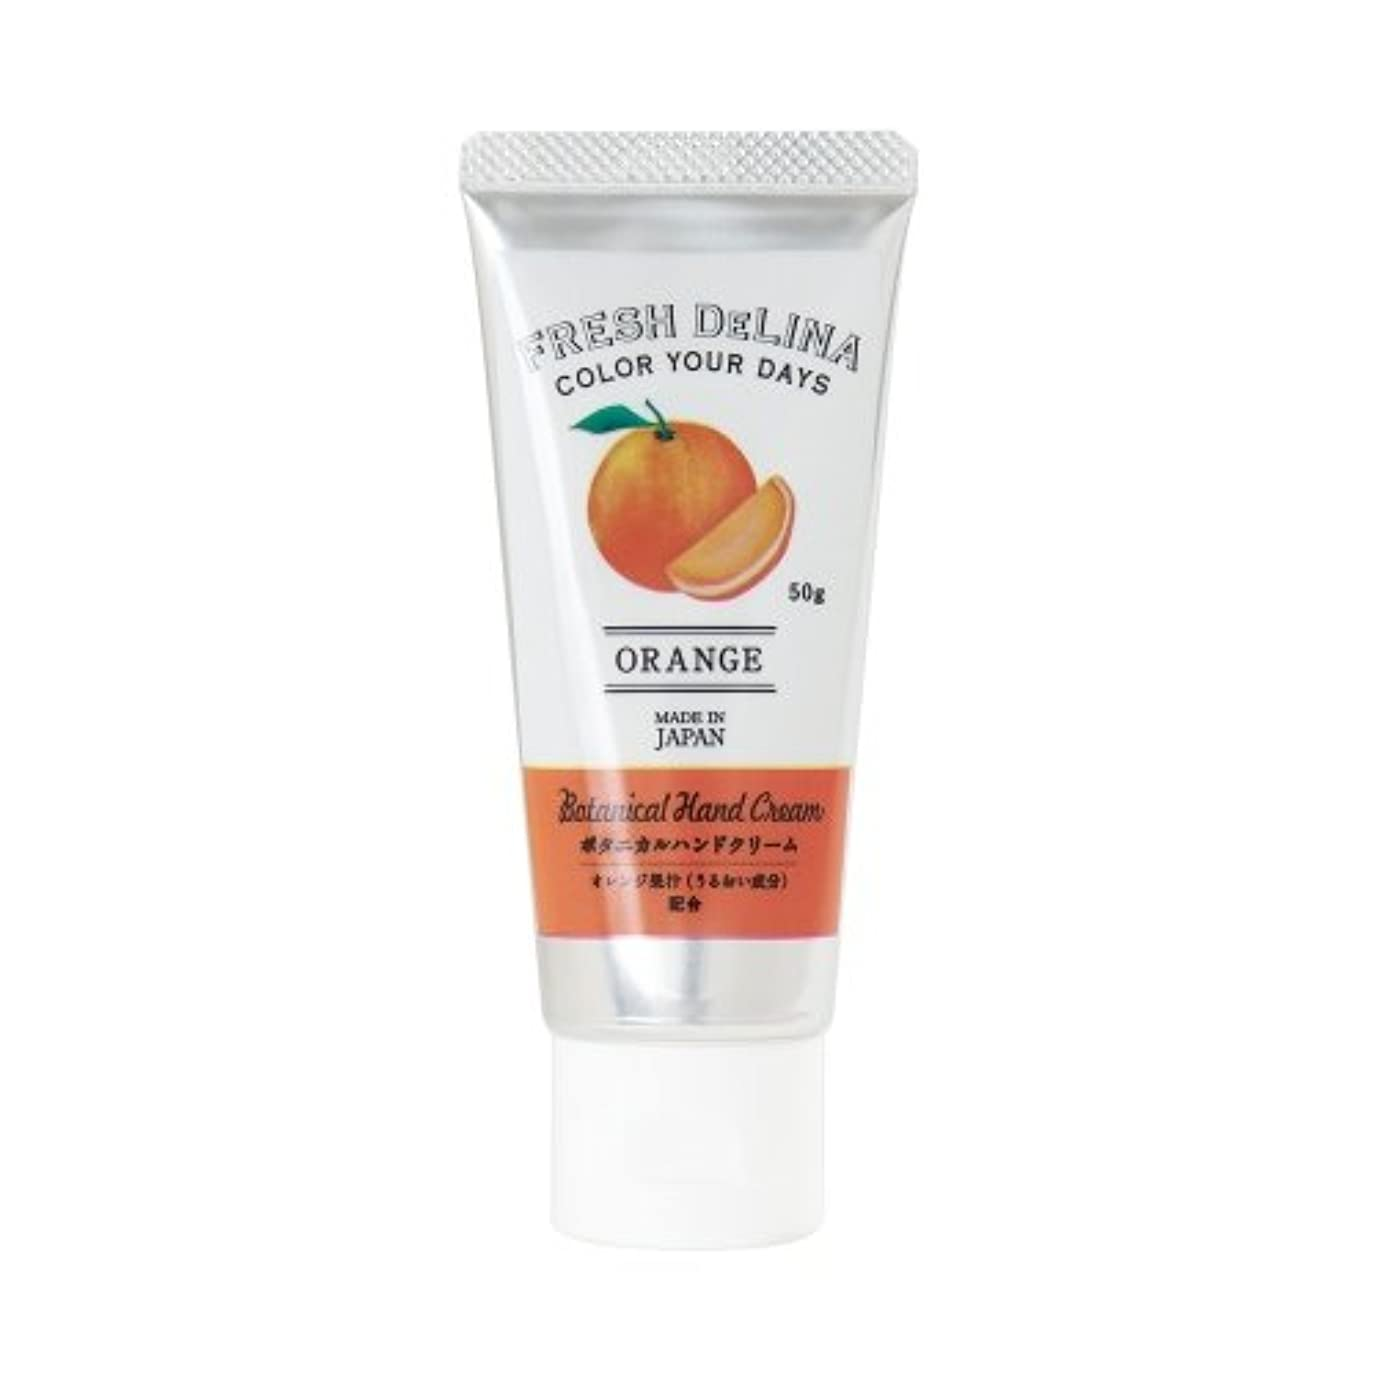 増強するマングル意見フレッシュデリーナ ボタニカル ハンドクリーム オレンジ 50g